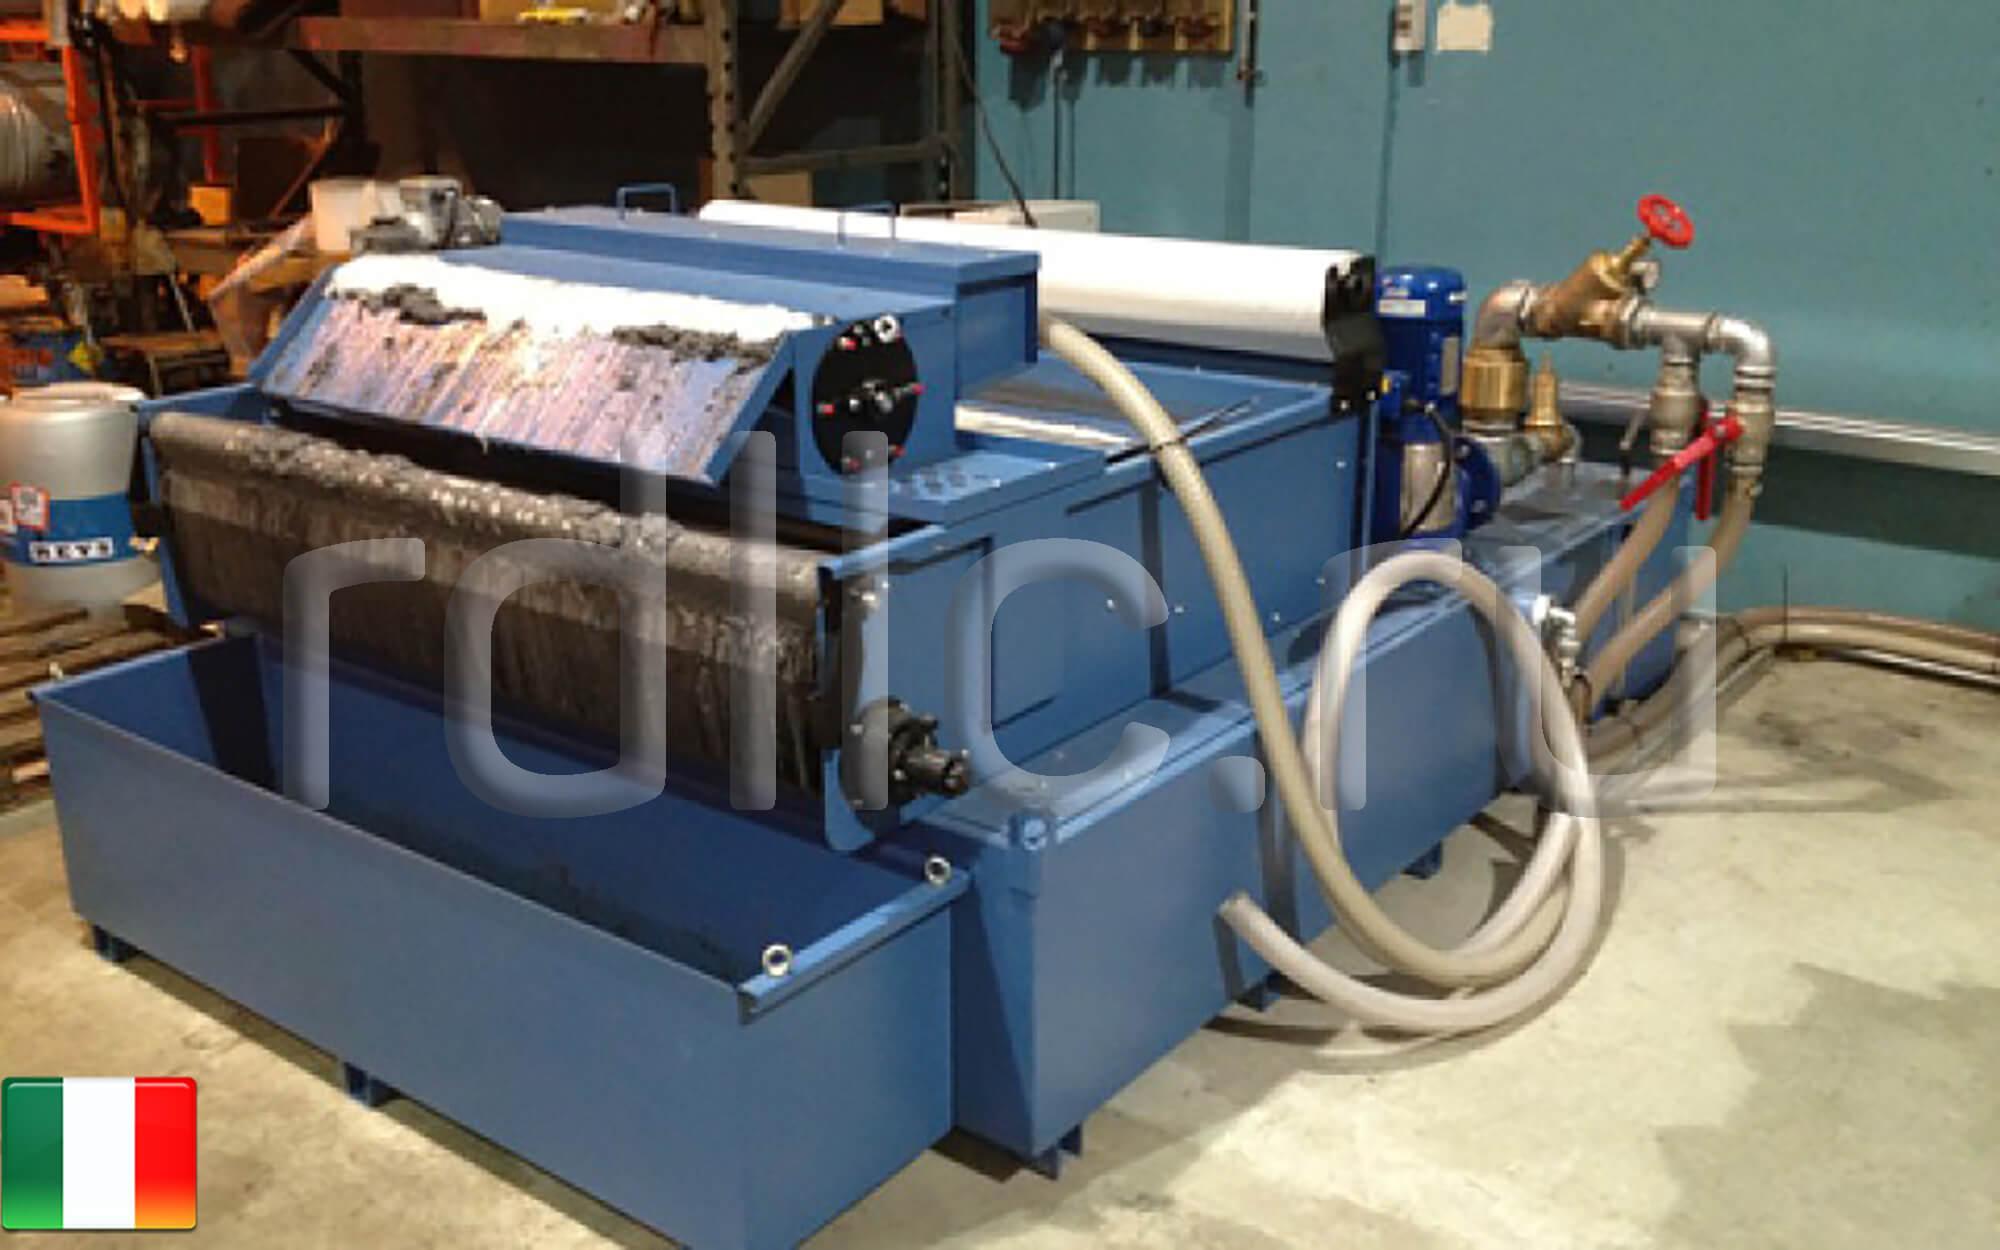 Очистка СОЖ от шлама, образующегося при финишной обработке (фильтр СОЖ гравитационного типа Evotech Deep | магнитный сепаратор СОЖ Kalamit)